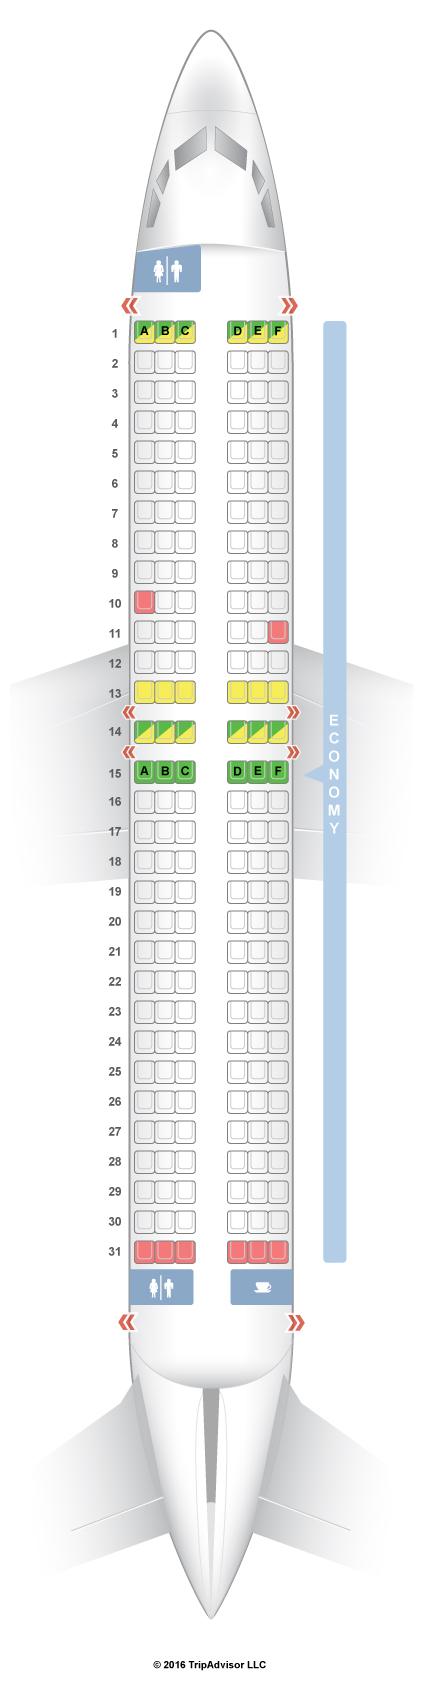 SeatGuru Seat Map Norwegian Air Shuttle Boeing 737-800 (738